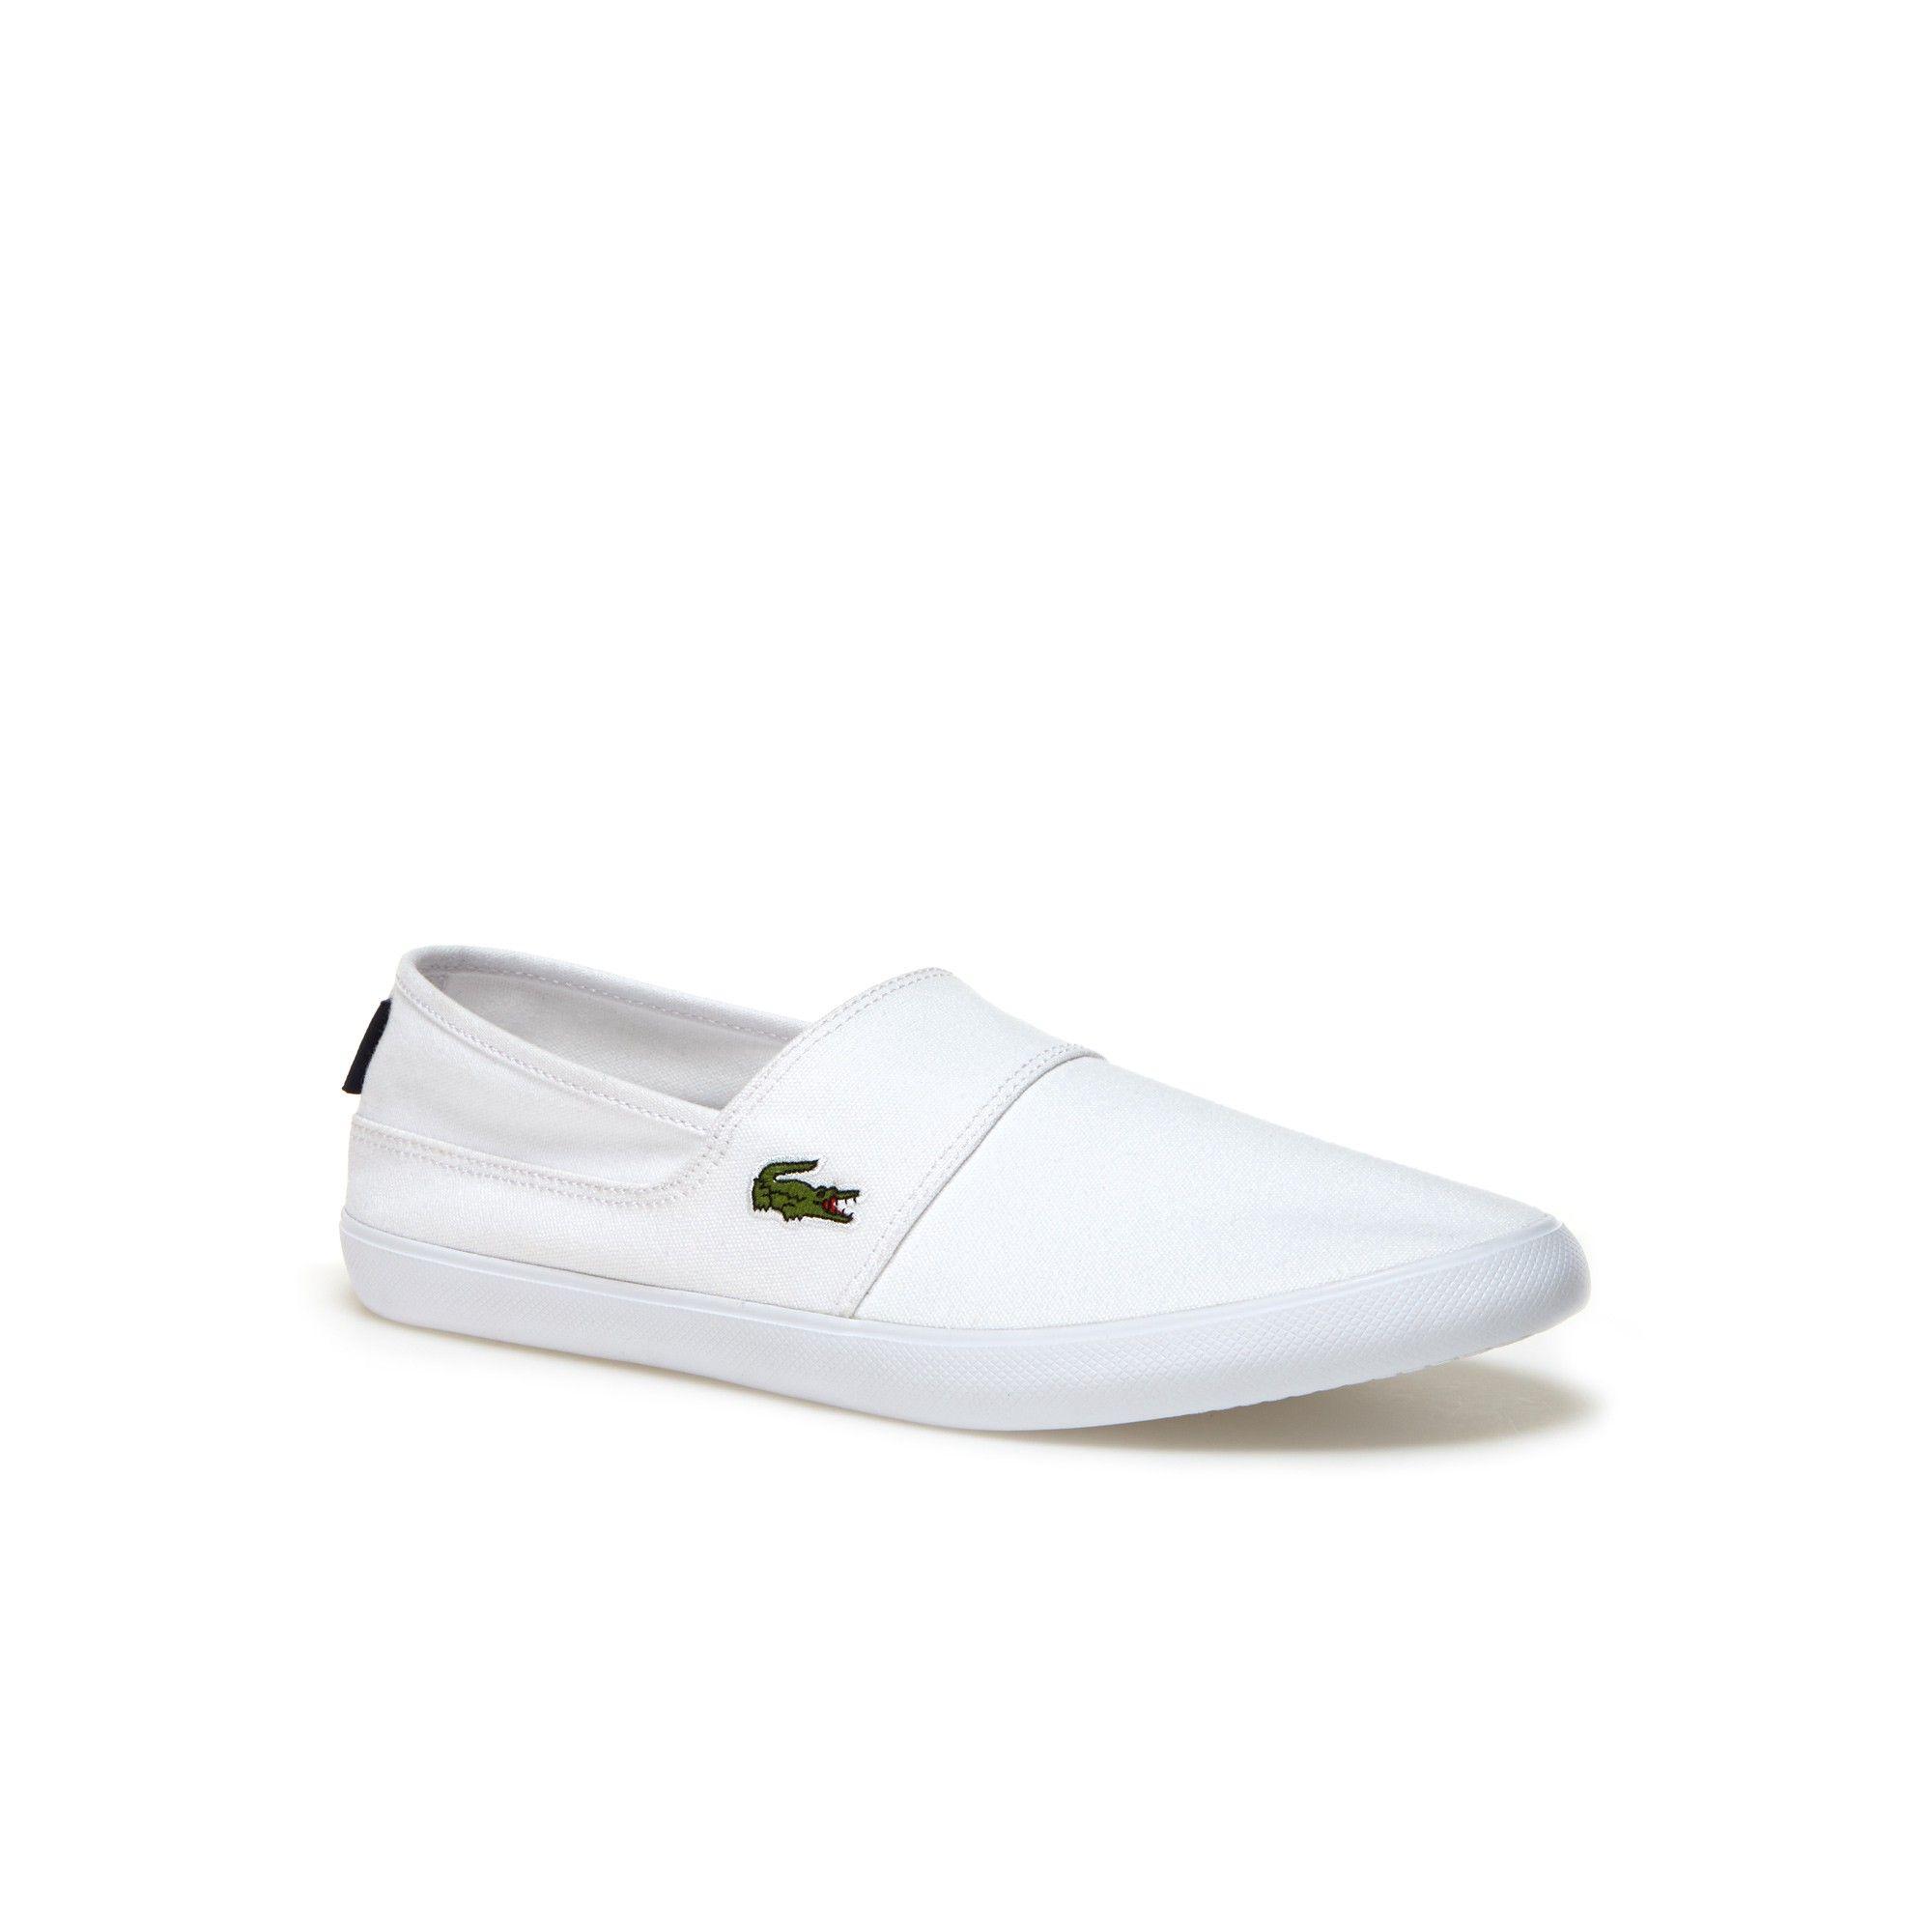 e65405d23d5438 LACOSTE Men s Marice Canvas Slip-ons.  lacoste  shoes